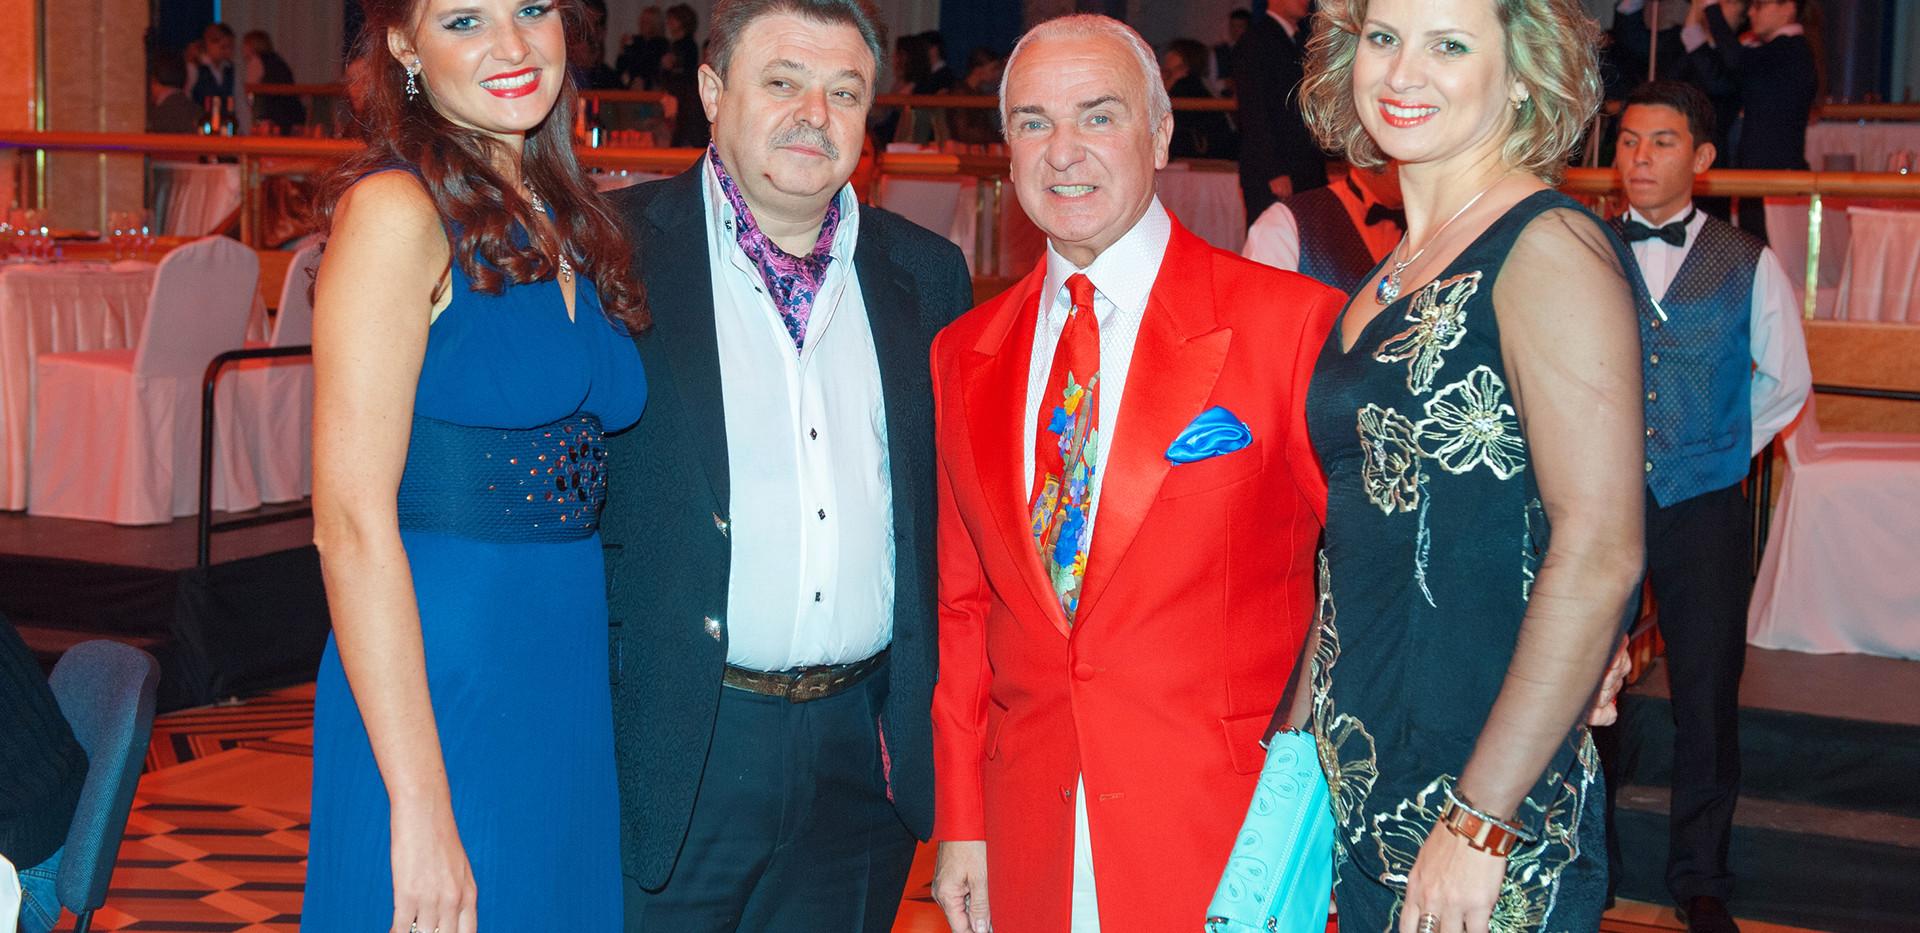 Илья Баскин с супругой, Станислав Попов и Елена Эланж.